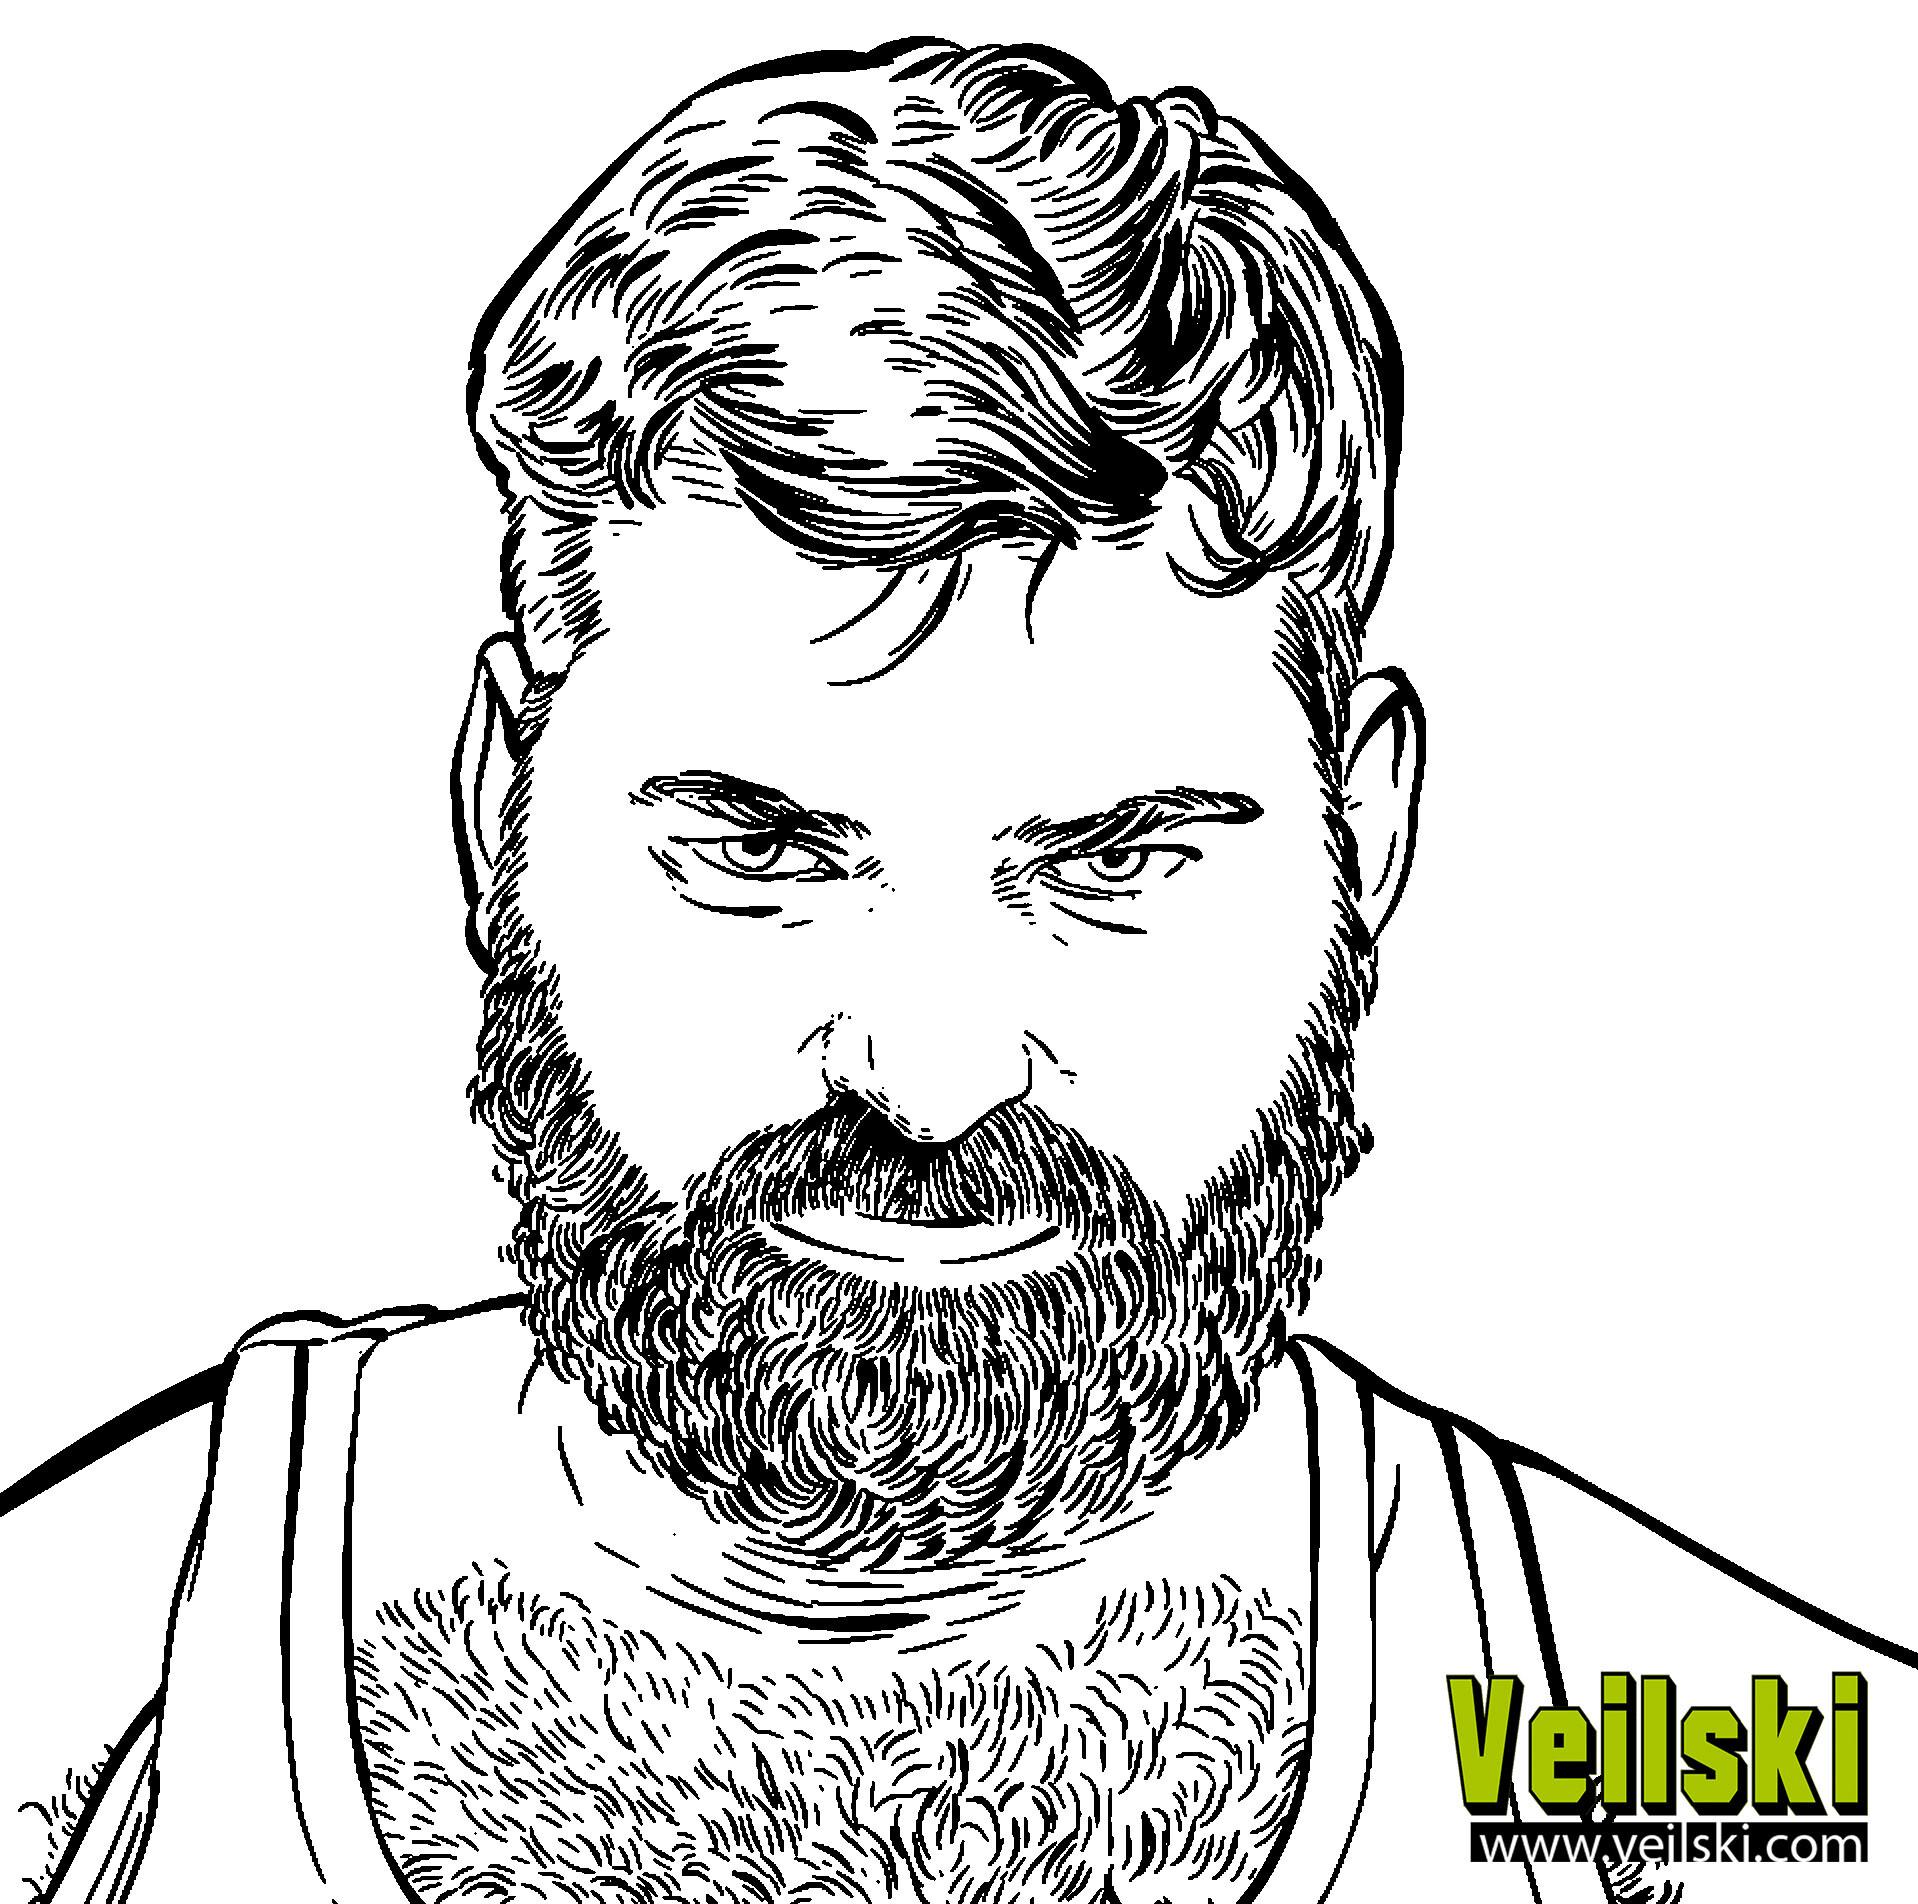 Andrei veilski zakhovaiko 2016 10 03 social3